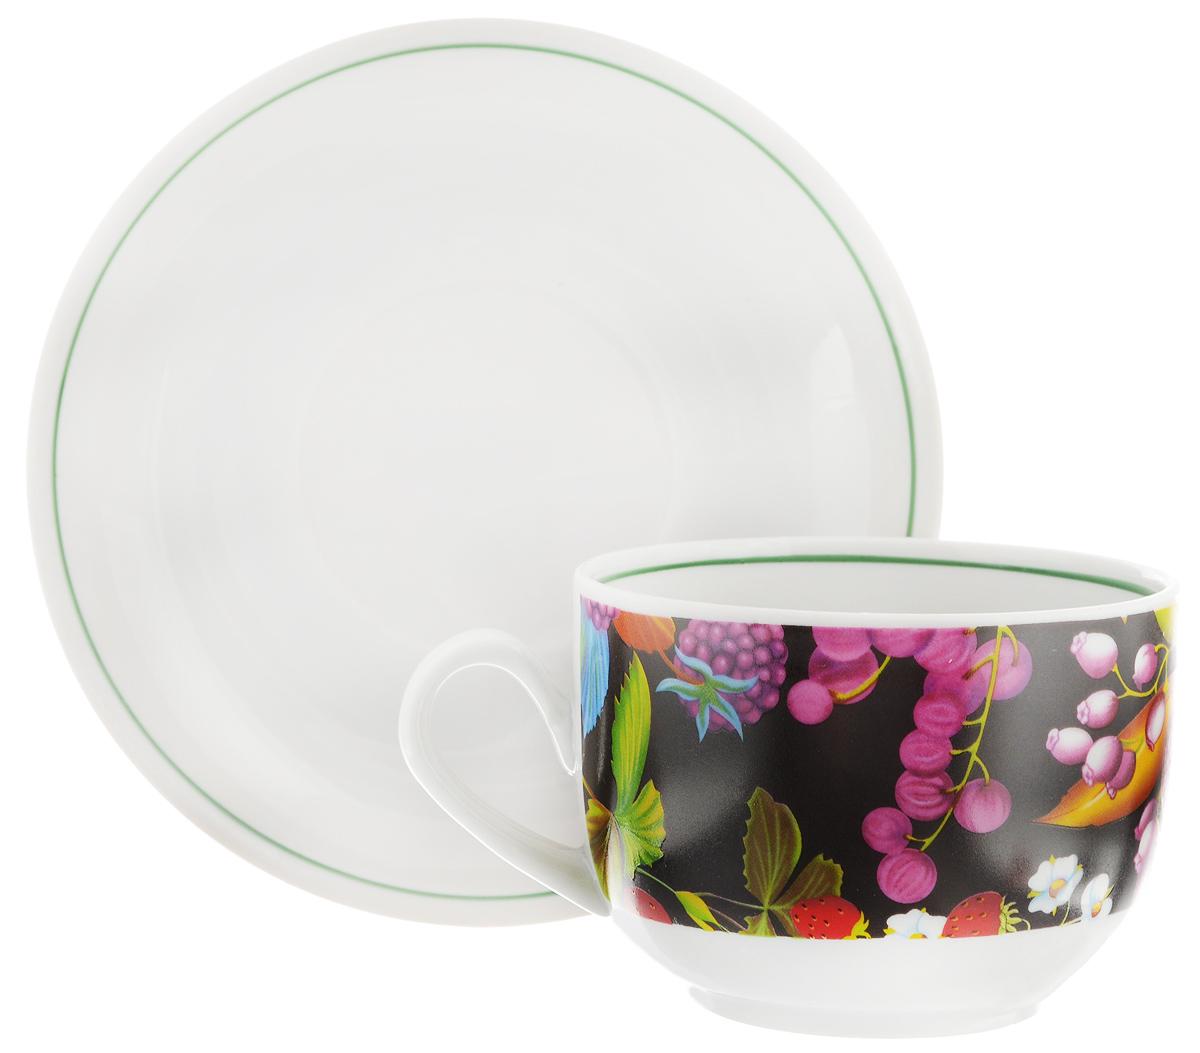 Чайная пара Фарфор Вербилок Август. Черная ягода, 2 предмета чайная пара фарфор вербилок капля полдня 2 предмета 1259593